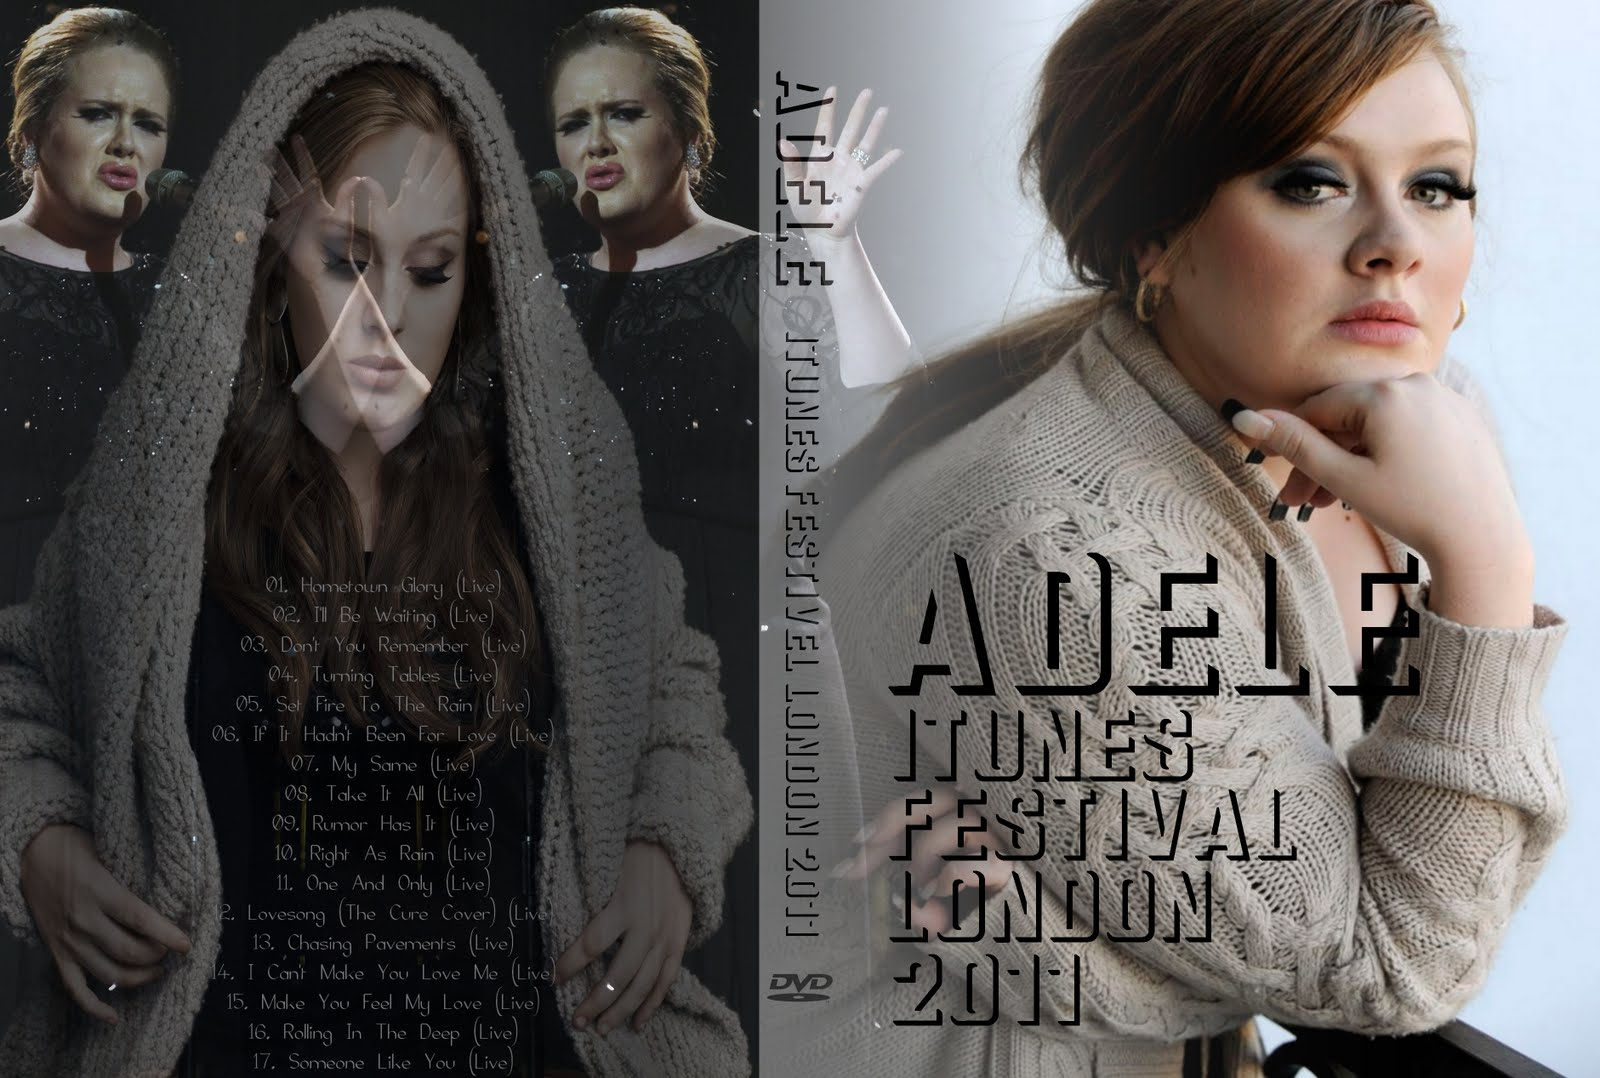 http://3.bp.blogspot.com/-2U9BZetc8pQ/UAHMpz_bU3I/AAAAAAAAA-0/zA1fy4aJC7o/s1600/Adele+iTunes.jpg